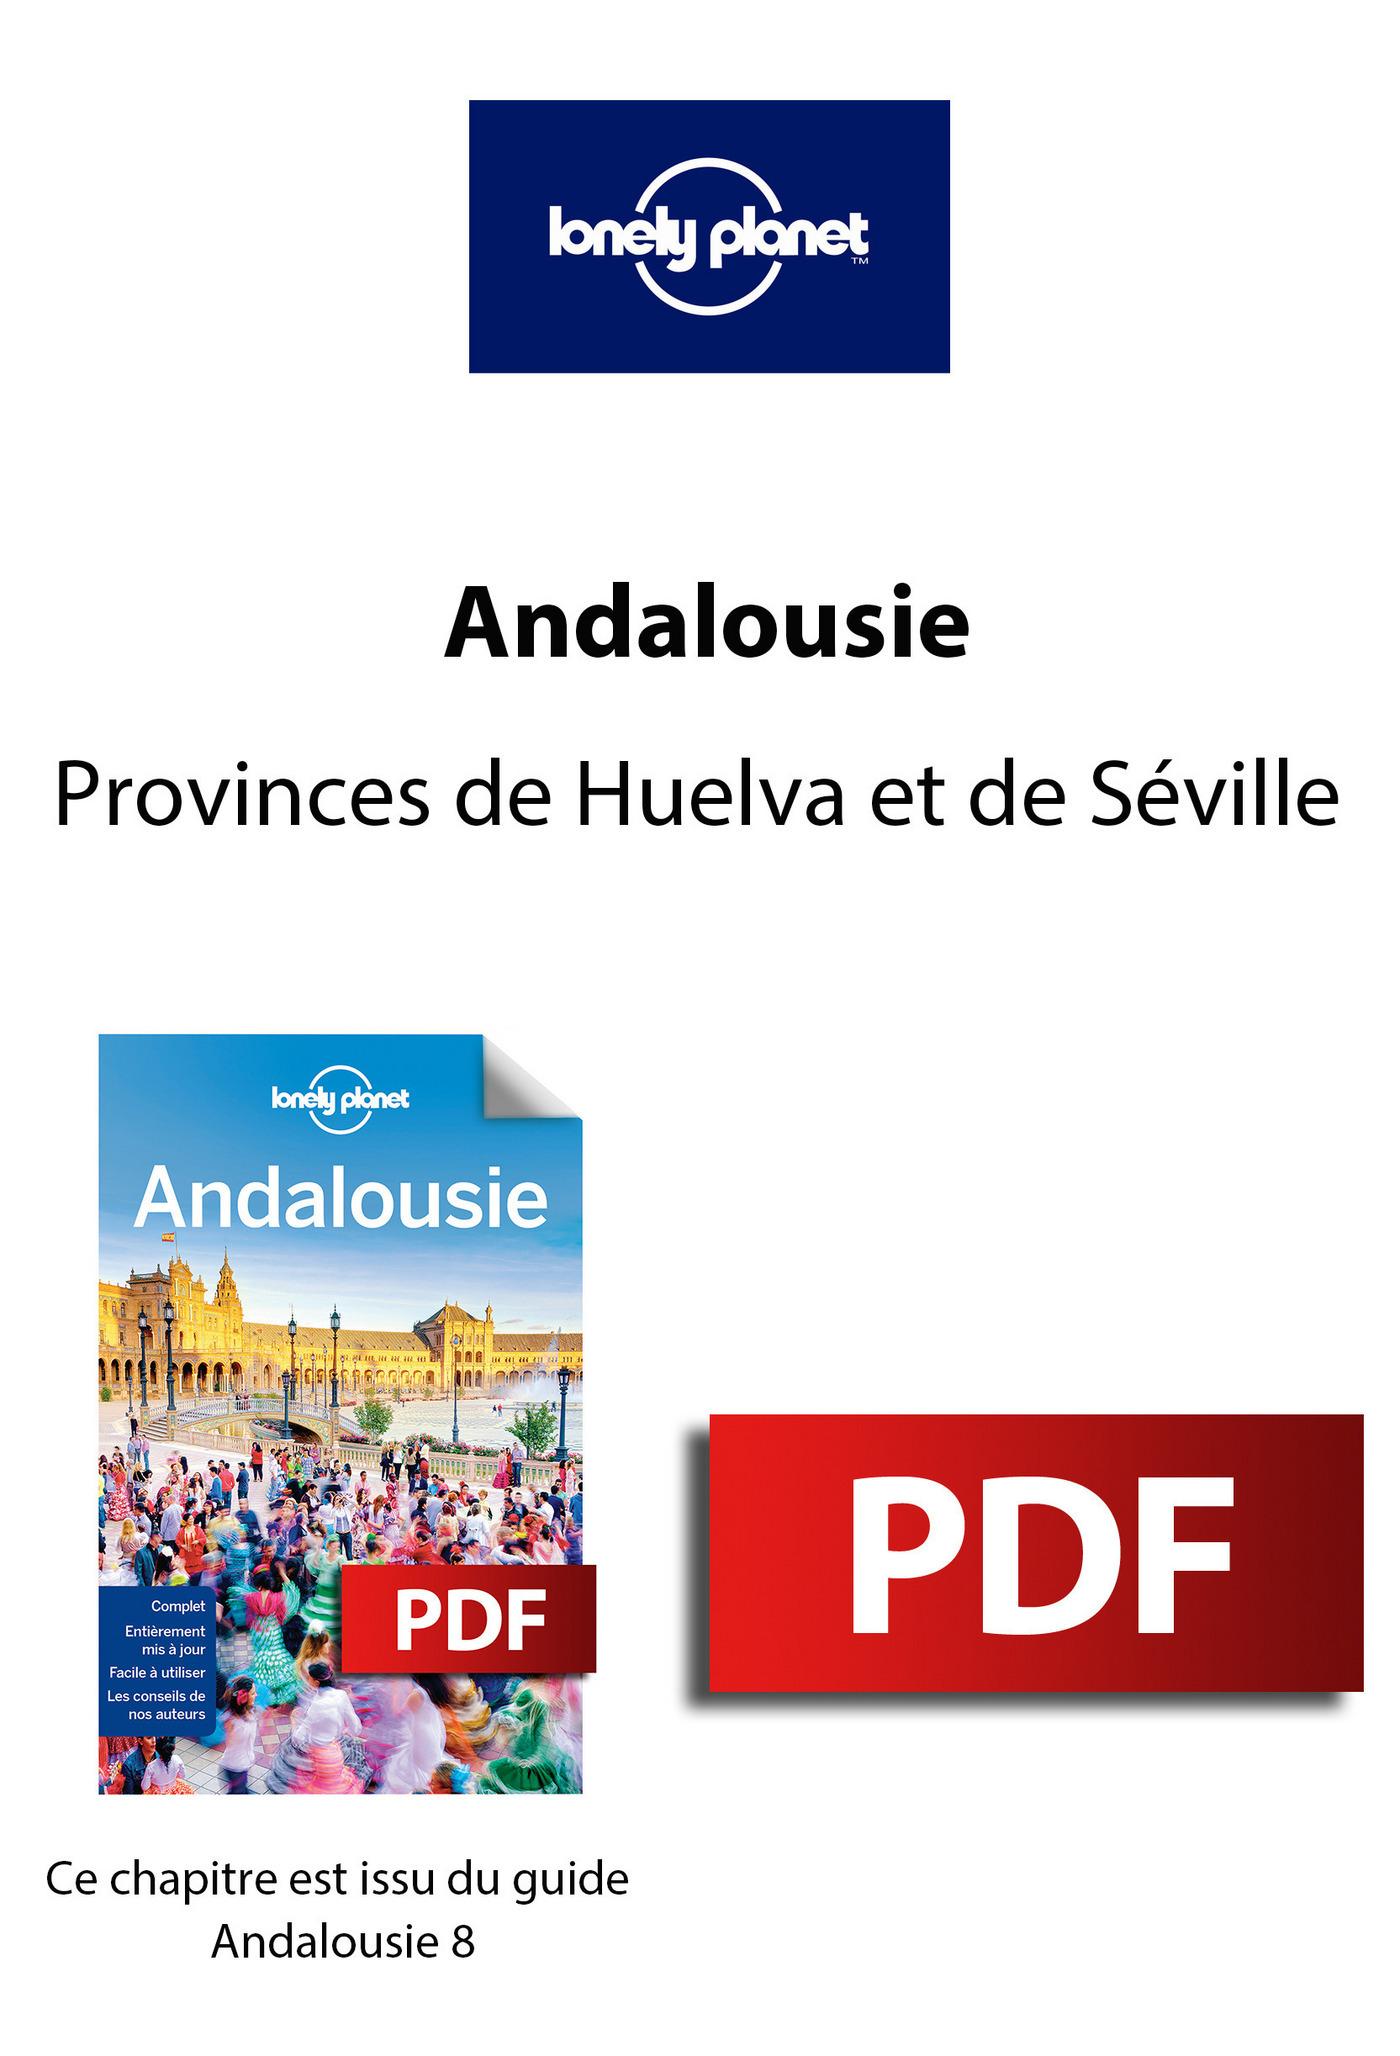 Andalousie - Provinces de Huelva et de Séville